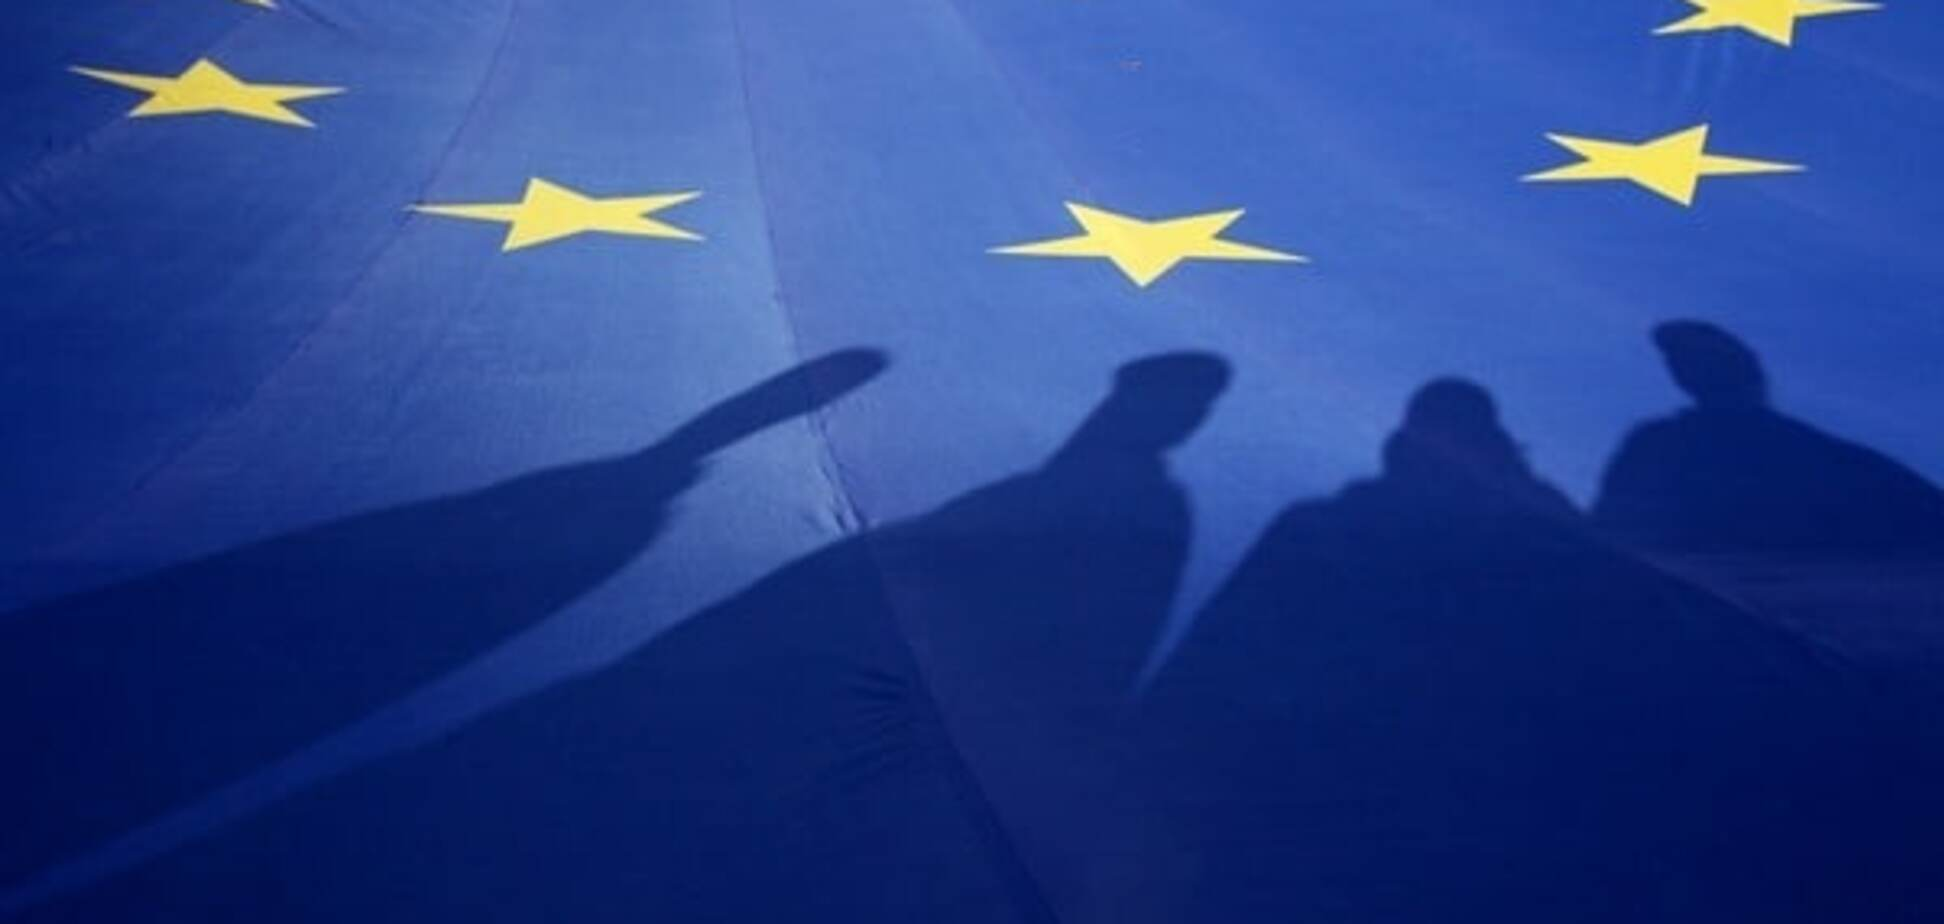 Нардеп про безвізовий режим з ЄС: єврооптимістам час зняти рожеві окуляри